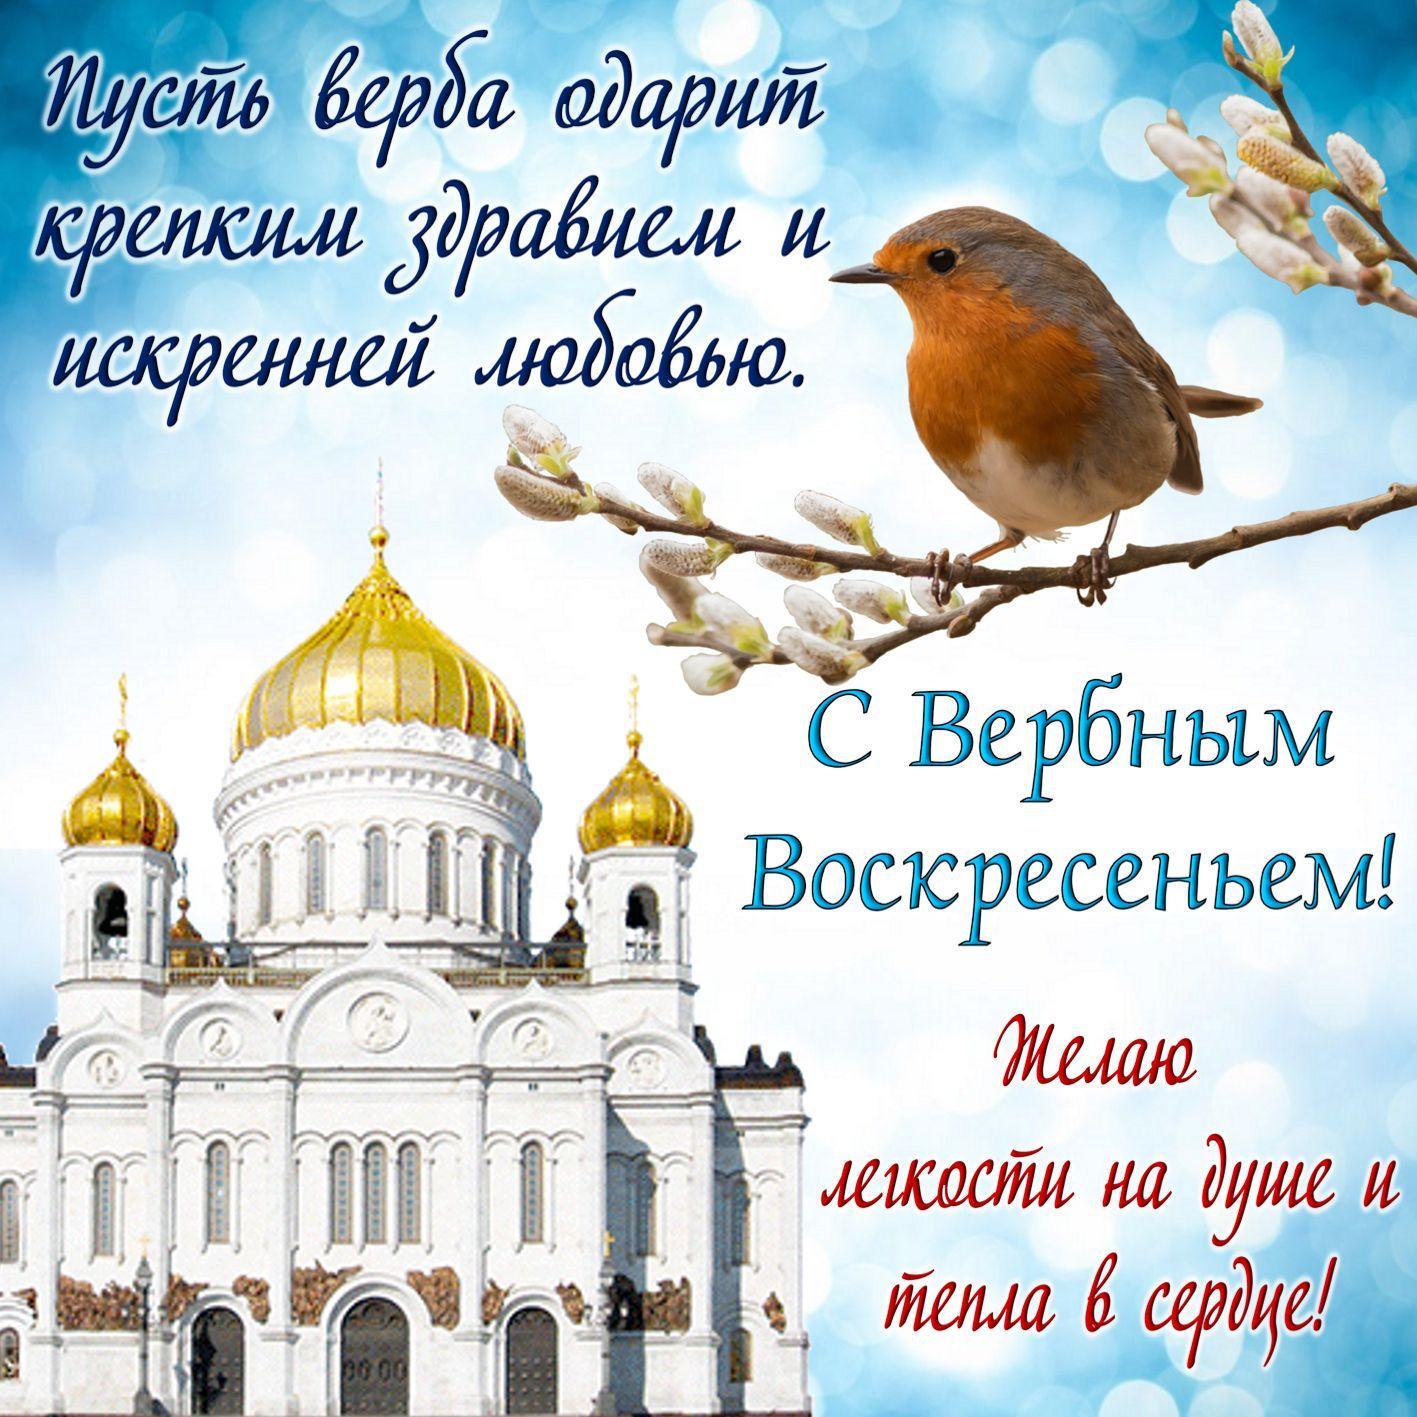 Фото Вербное воскресенье 25 апреля: красивые открытки и душевные поздравления 21